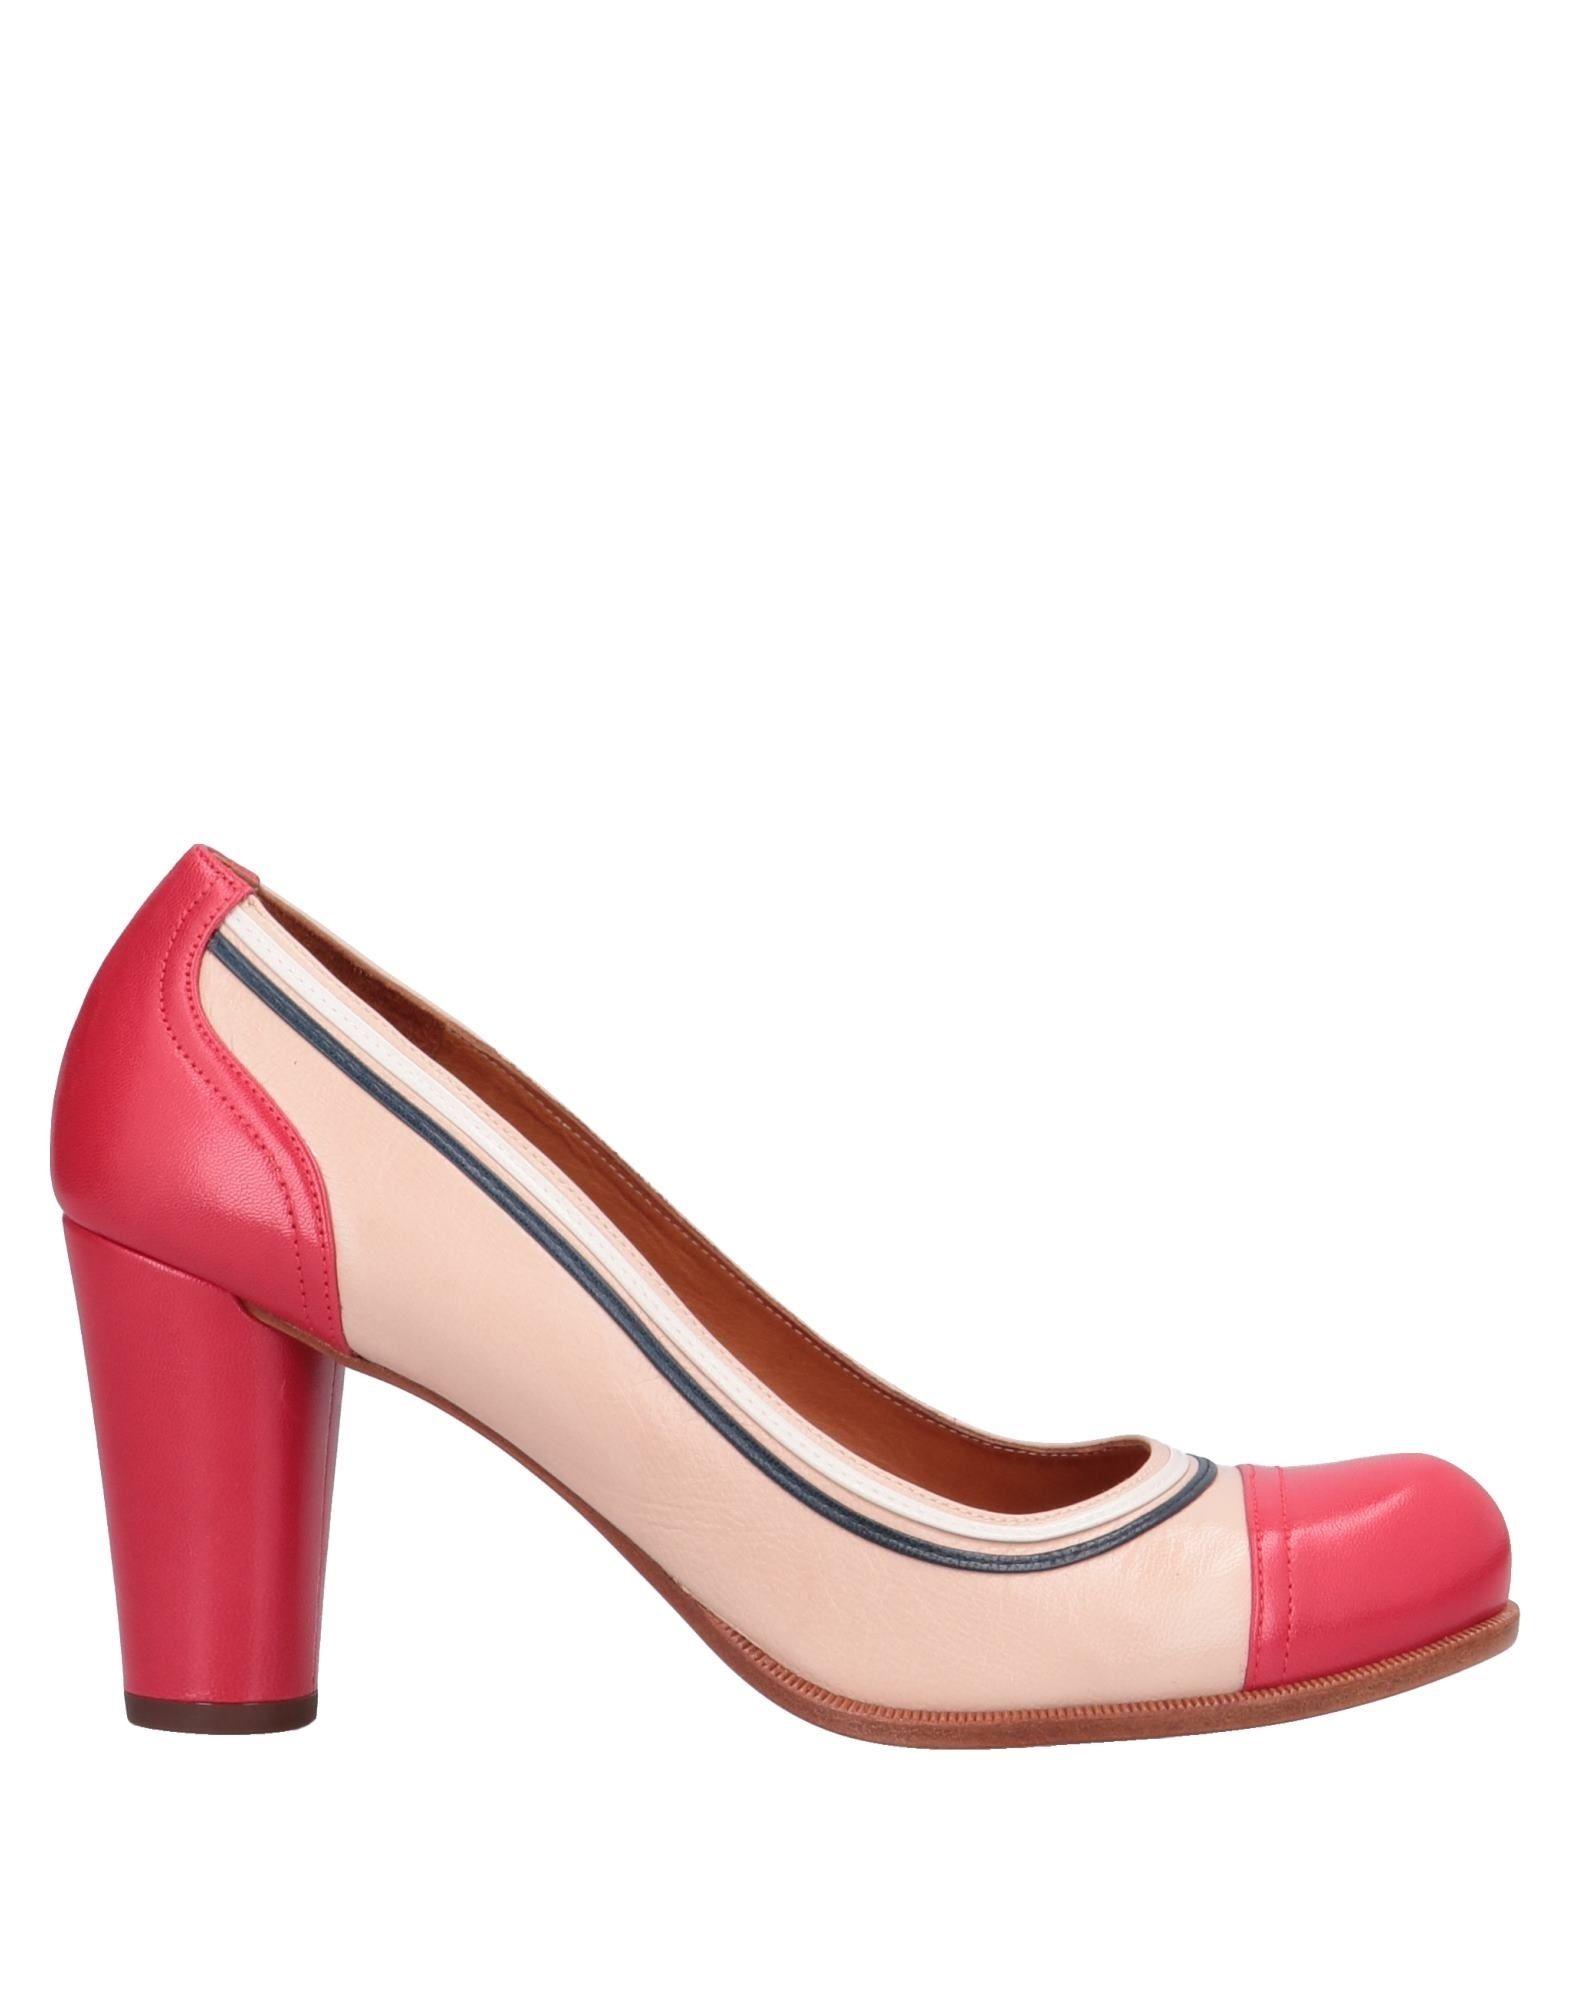 Stilvolle Pumps billige Schuhe Chie Mihara Pumps Stilvolle Damen  11560105RJ 1c3f01